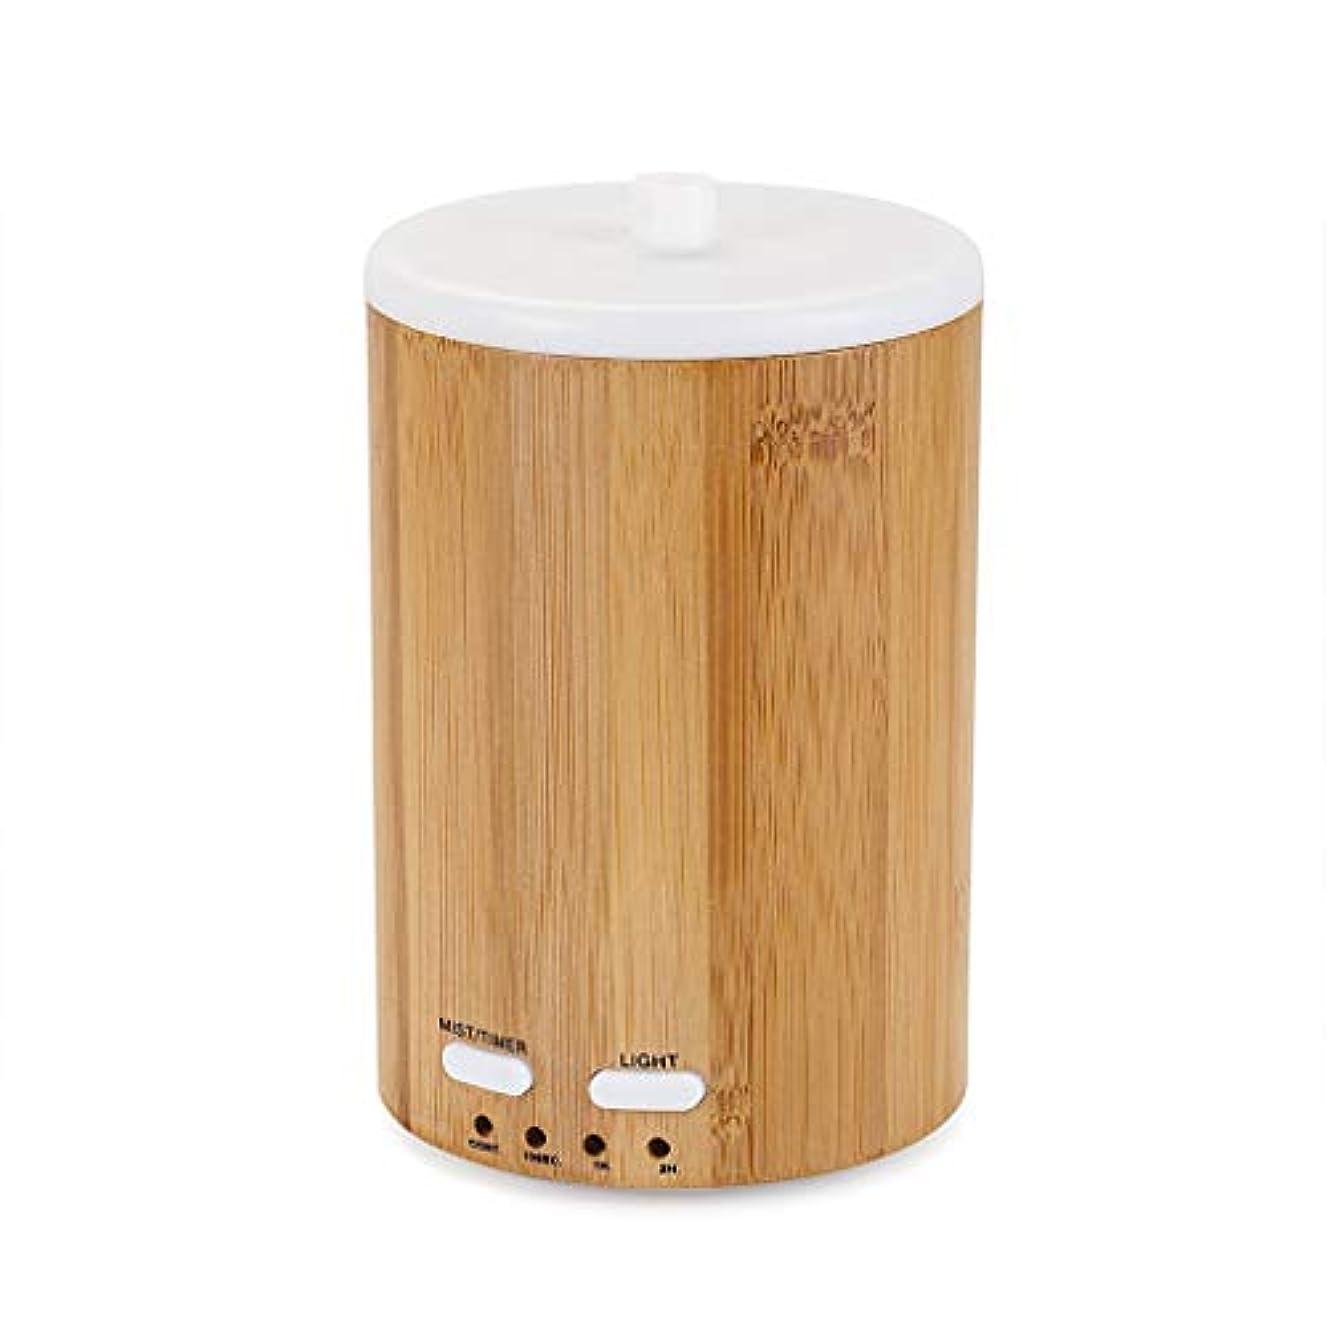 真っ逆さま条約一緒アップグレードされたリアル竹ディフューザー超音波ディフューザークールミスト加湿器断続的な連続ミスト2作業モードウォーターレスオートオフ7色LEDライト (Color : Bamboo)